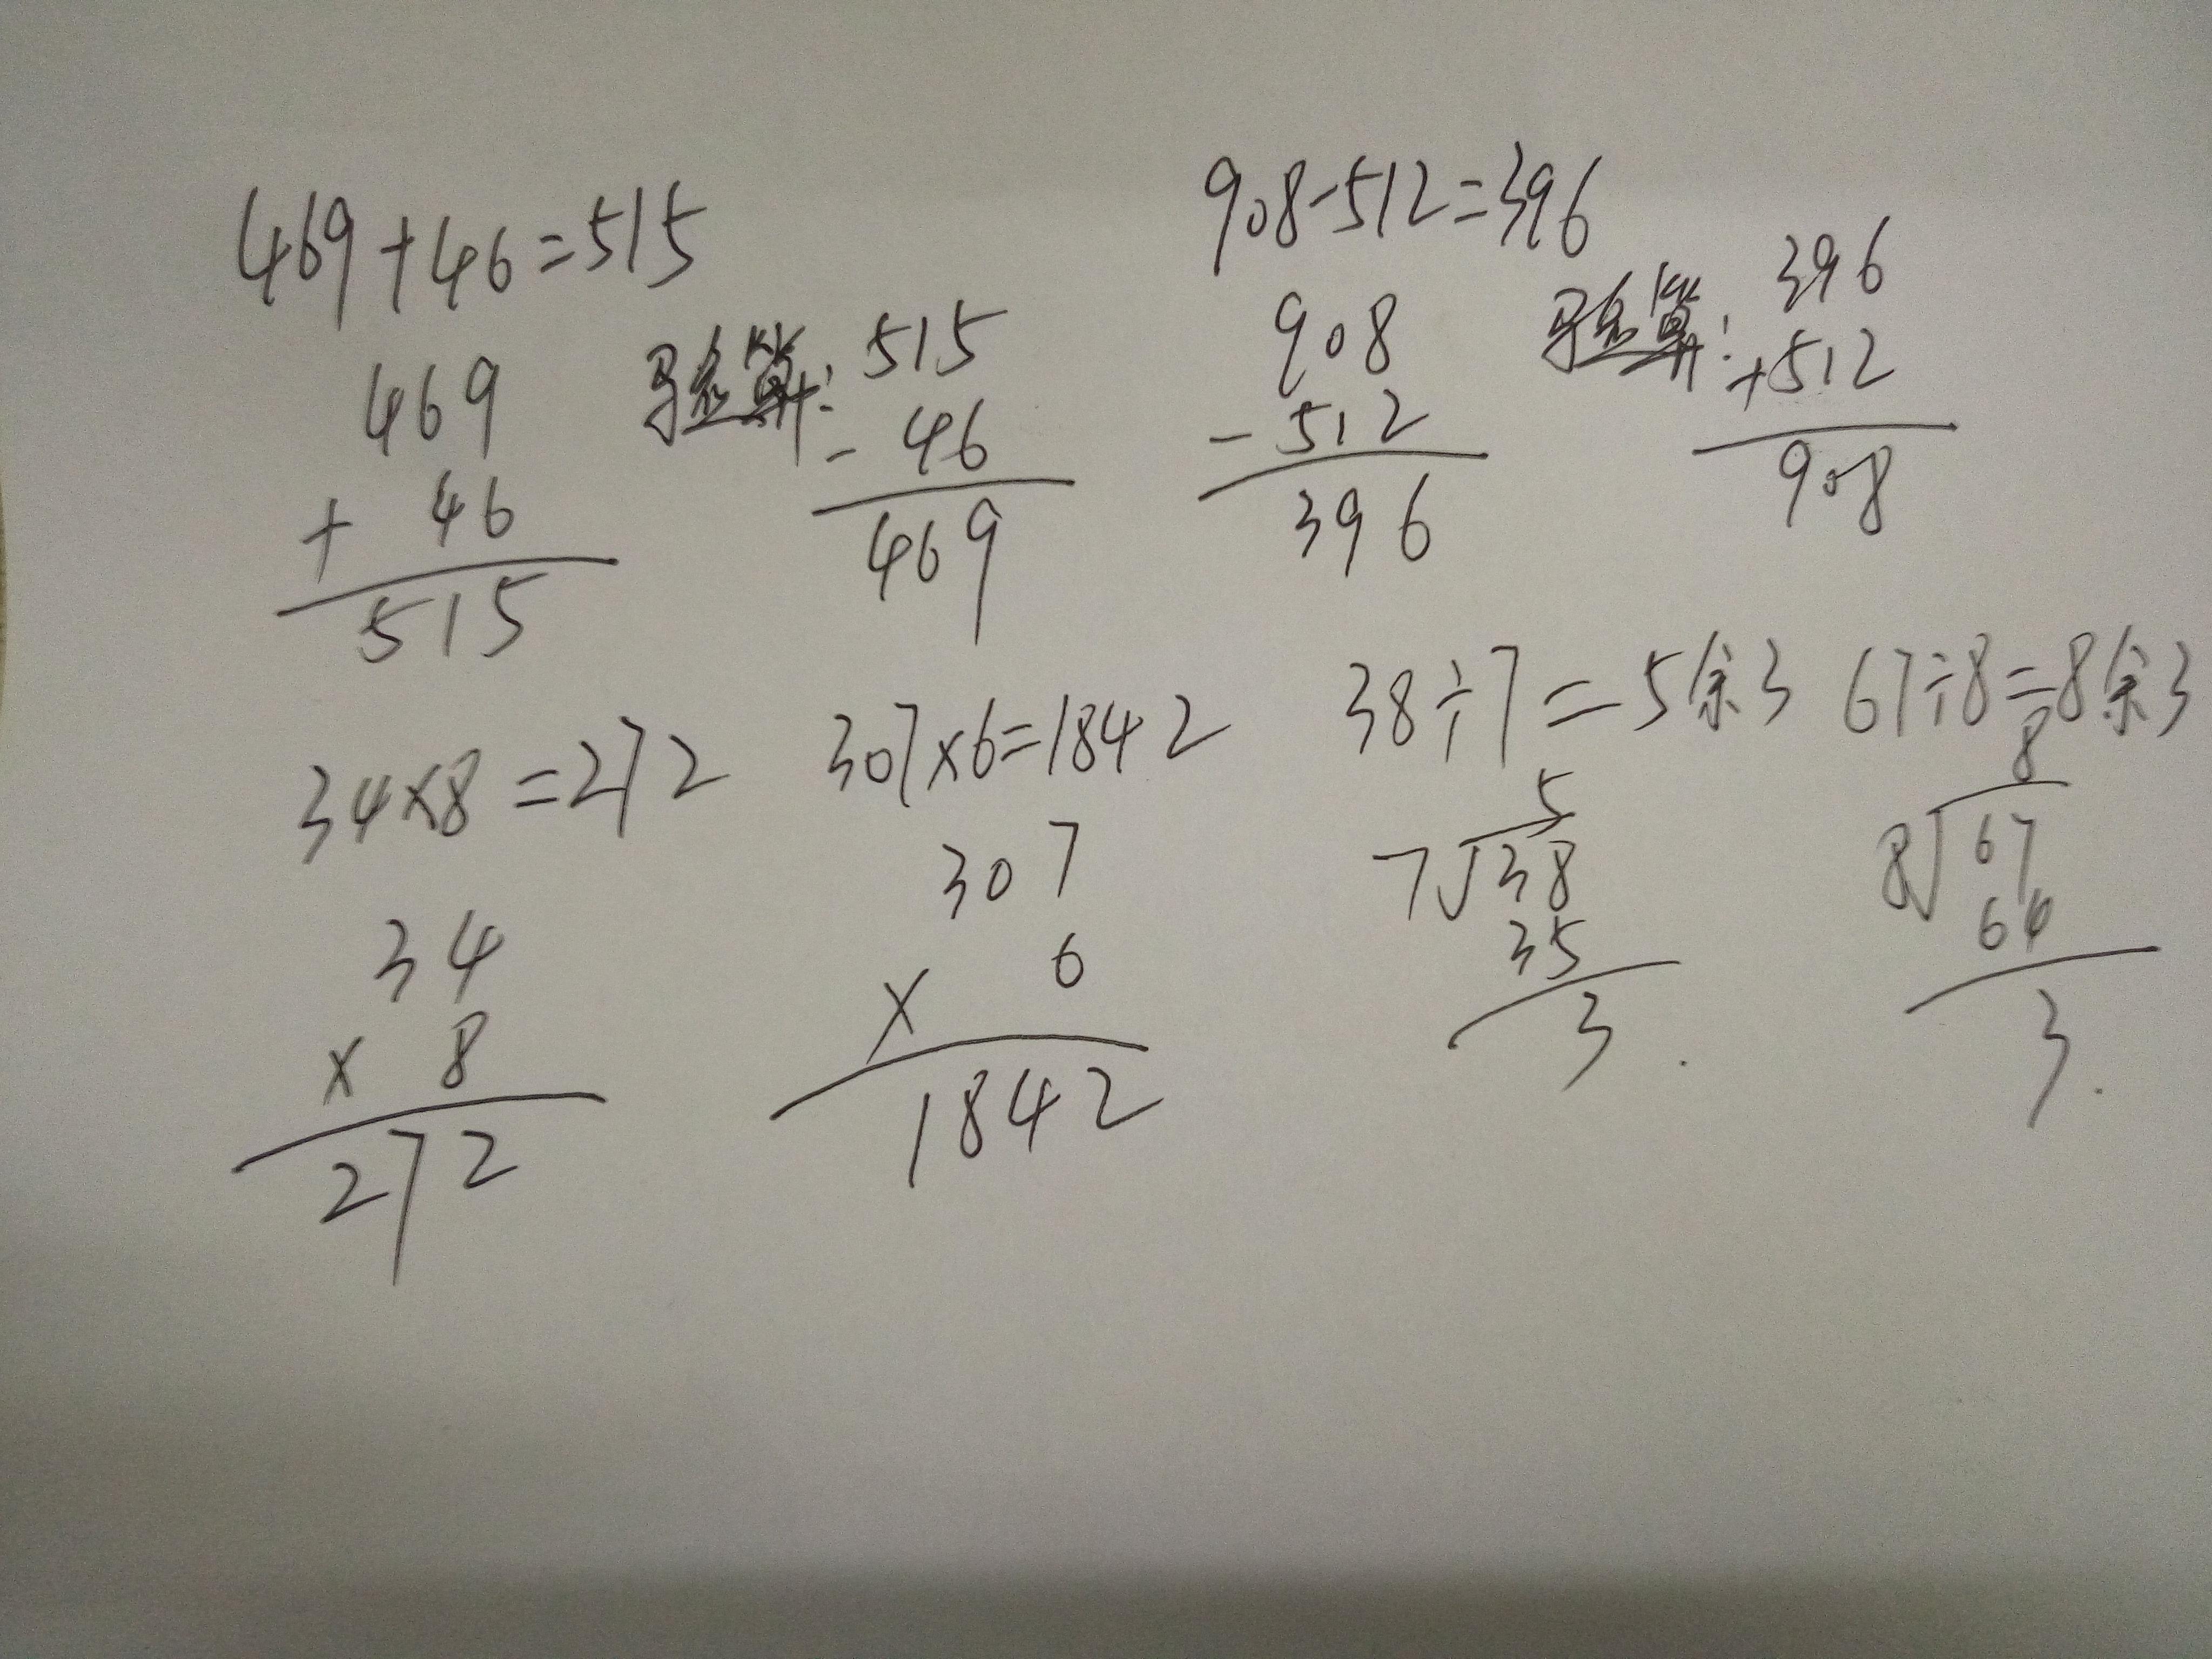 列竖式计算, 469 46=验算 908-512=验算 34×8= 307×图片